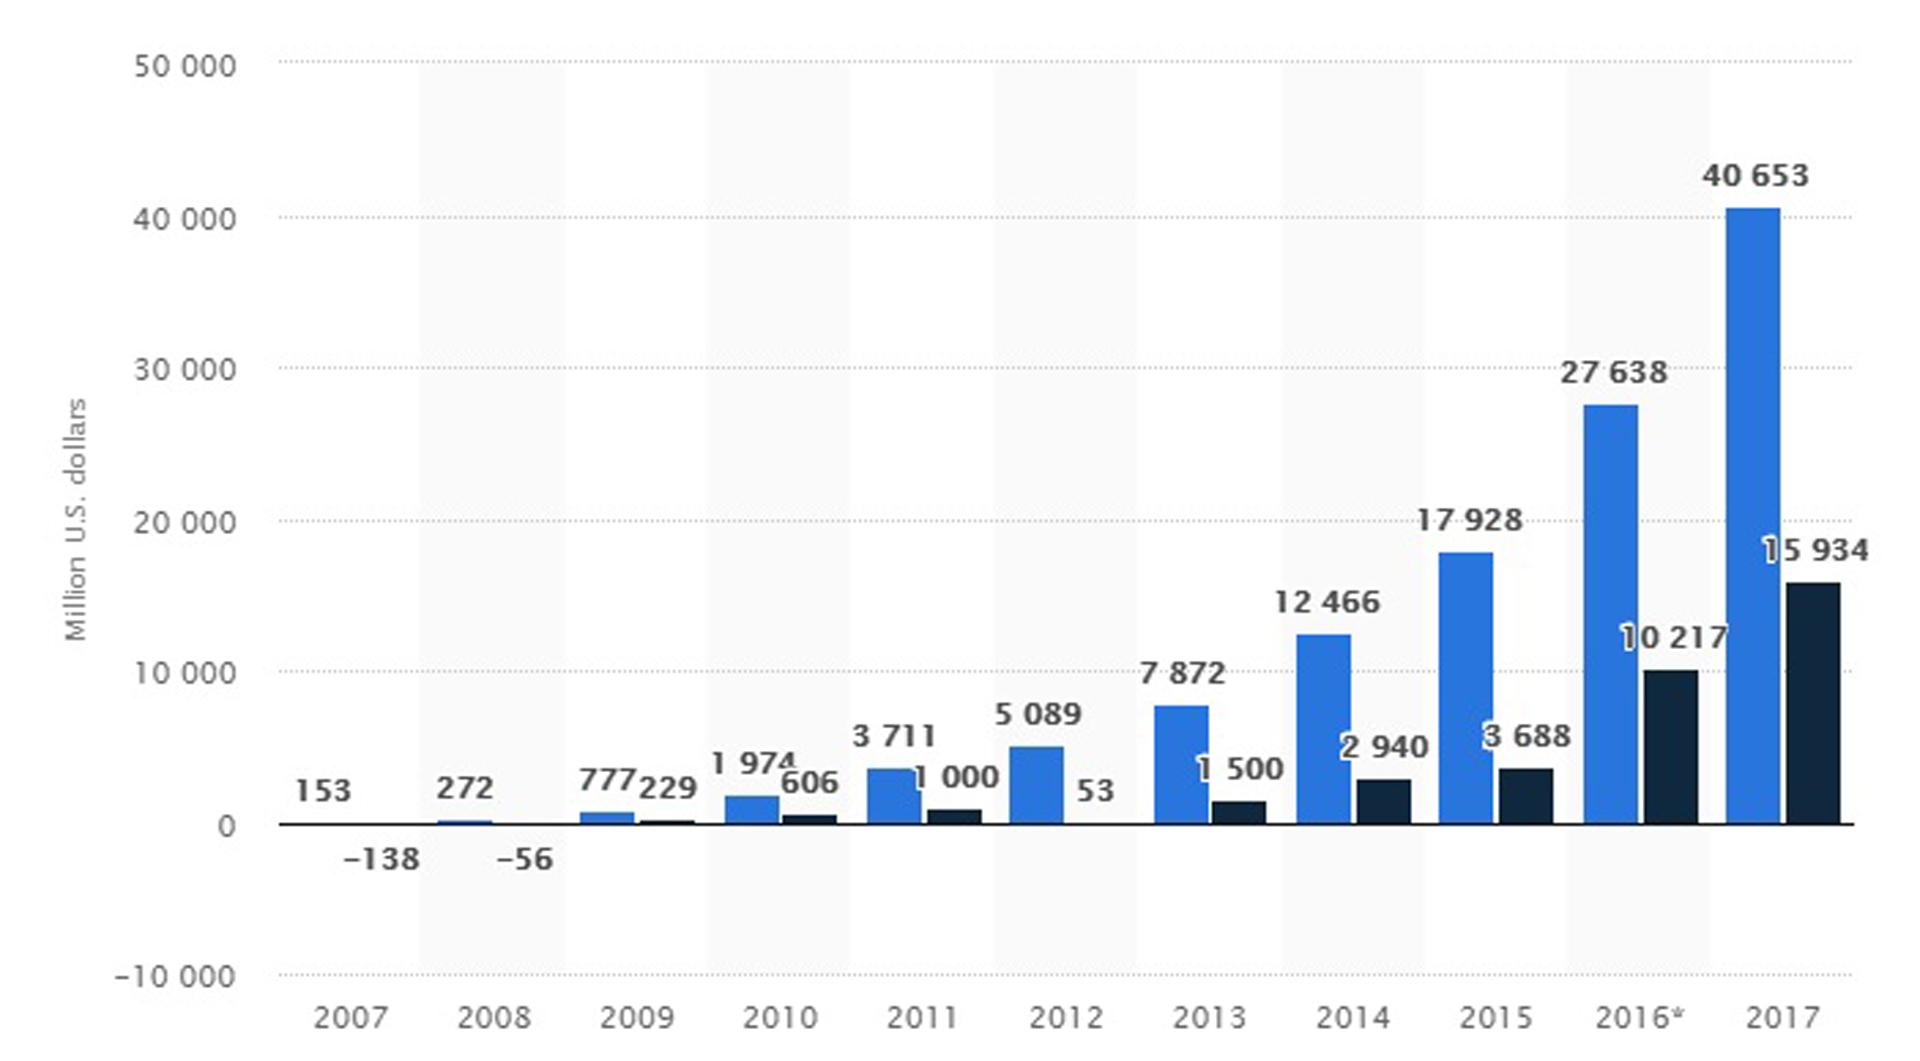 Datos expresados en miles de millones de USD: en azul los ingresos brutos y en negro, los netos (Statista)